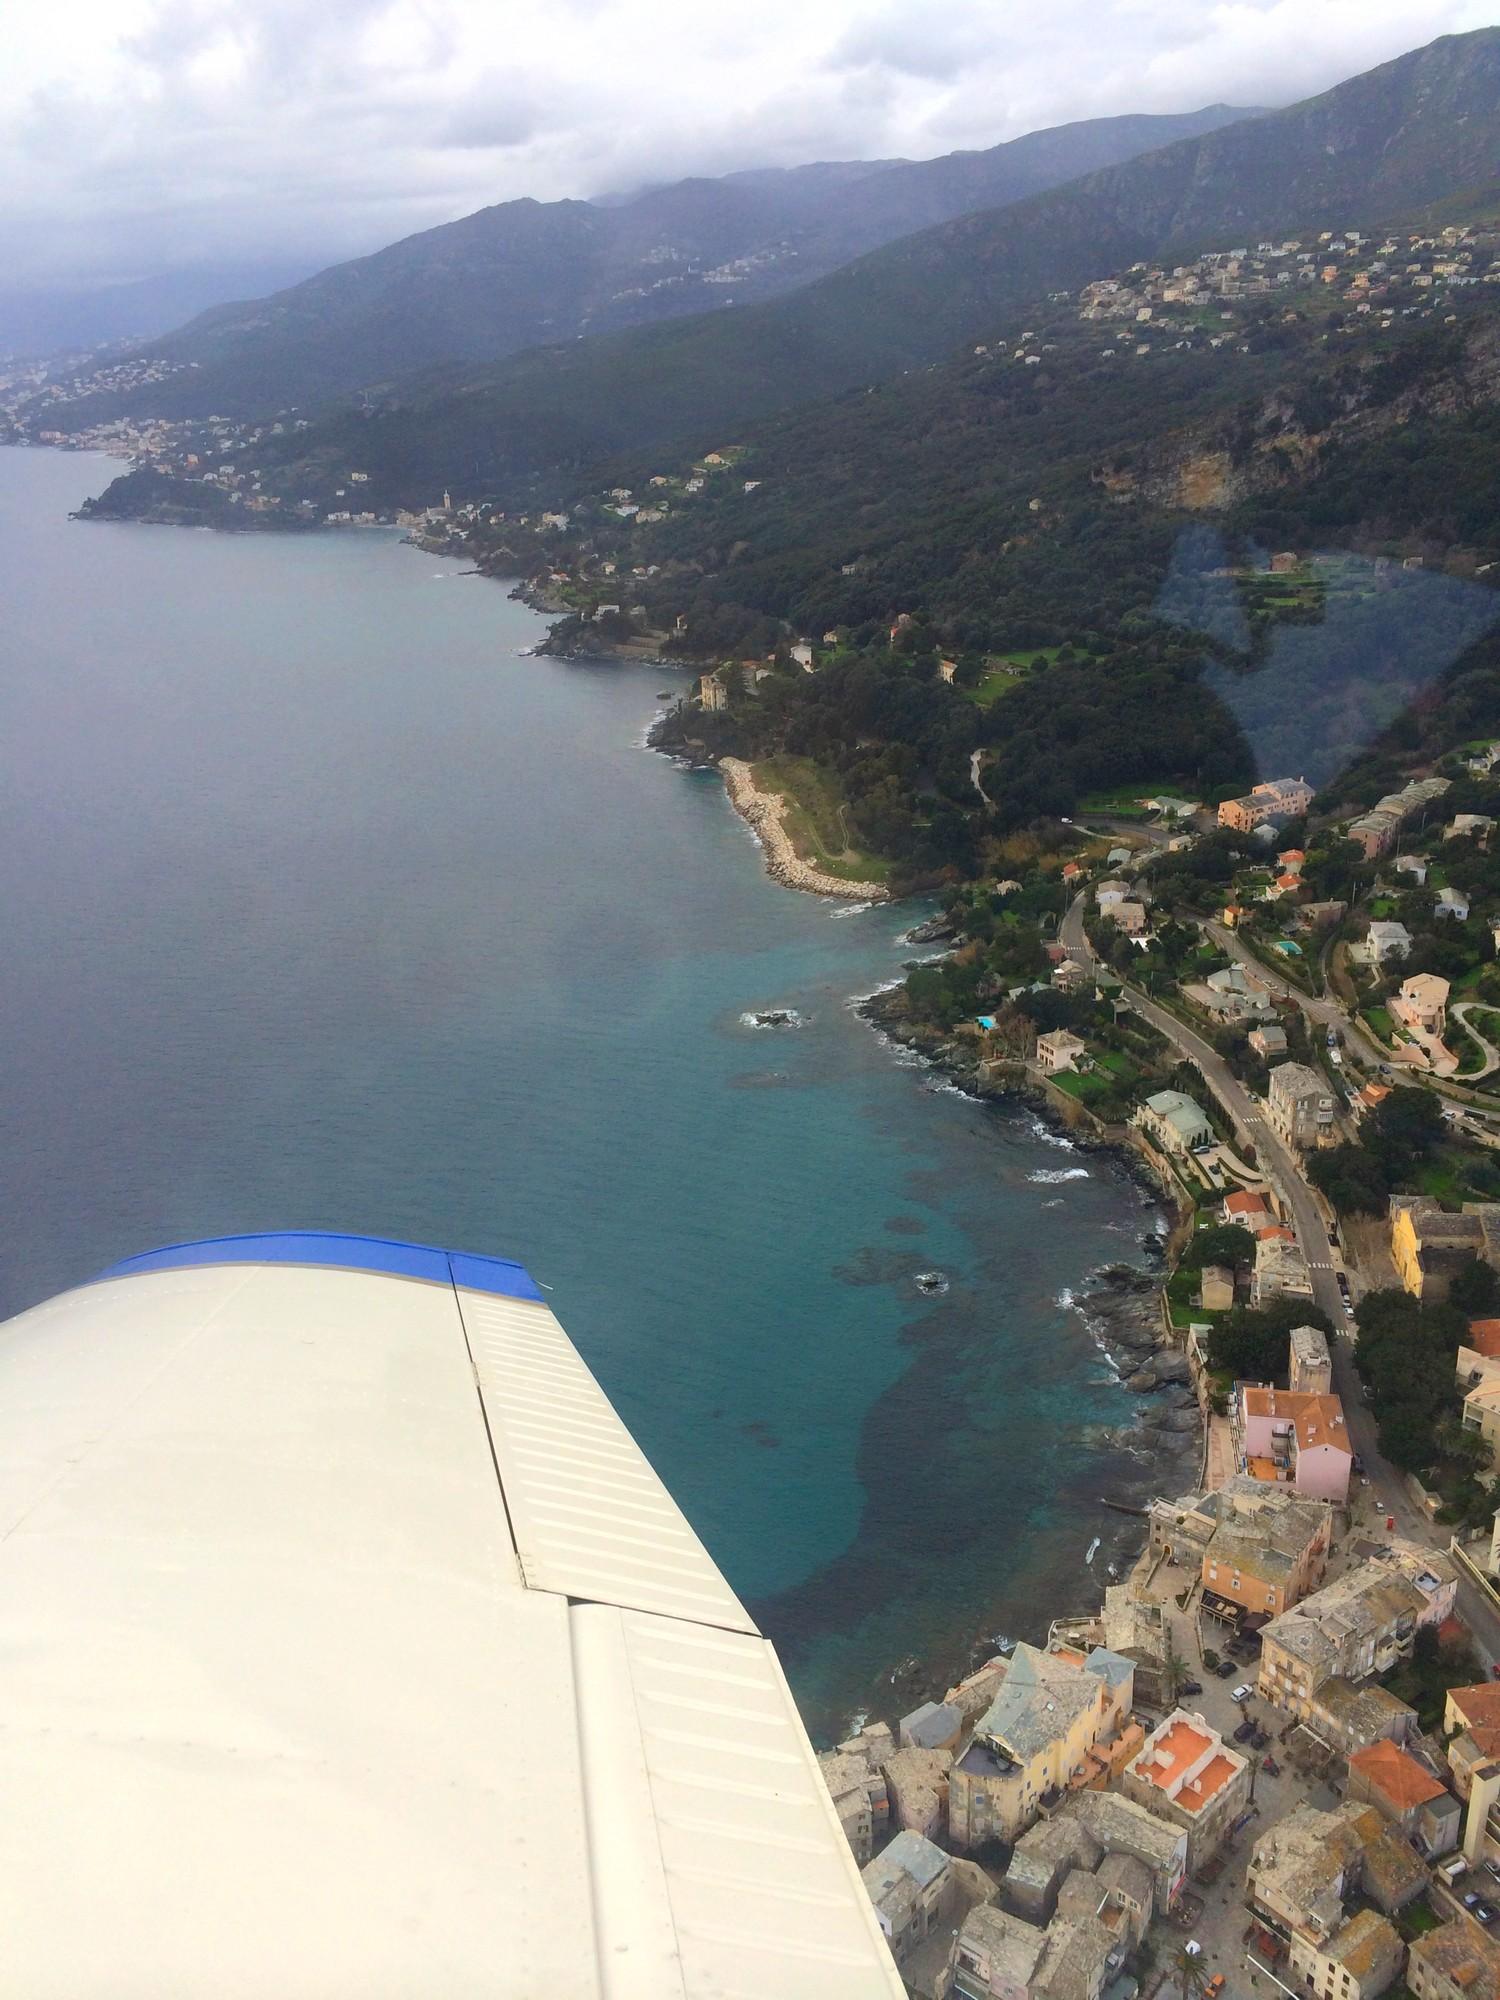 SAINT VALENTIN 2016 CADEAU EN AMOUREUX BAPTEME DE L'AIR EN CORSE BASTIA TOURISME BLOG VOYAGE BORDEAUX AVION 11